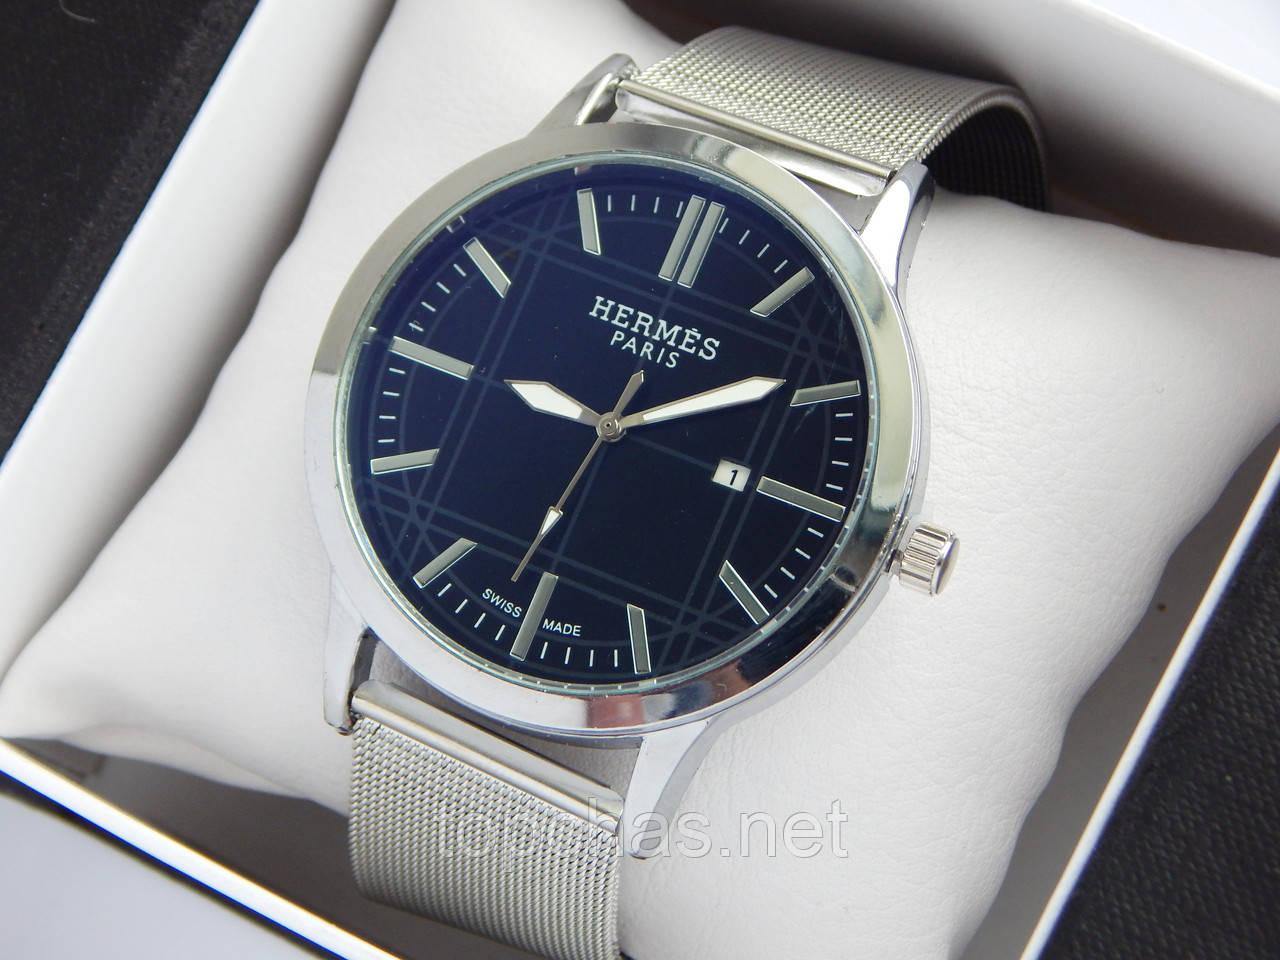 e503a309 Кварцевые наручные часы Hermes серебристого цвета, черный циферблат,  кольчужный браслет, с датой -